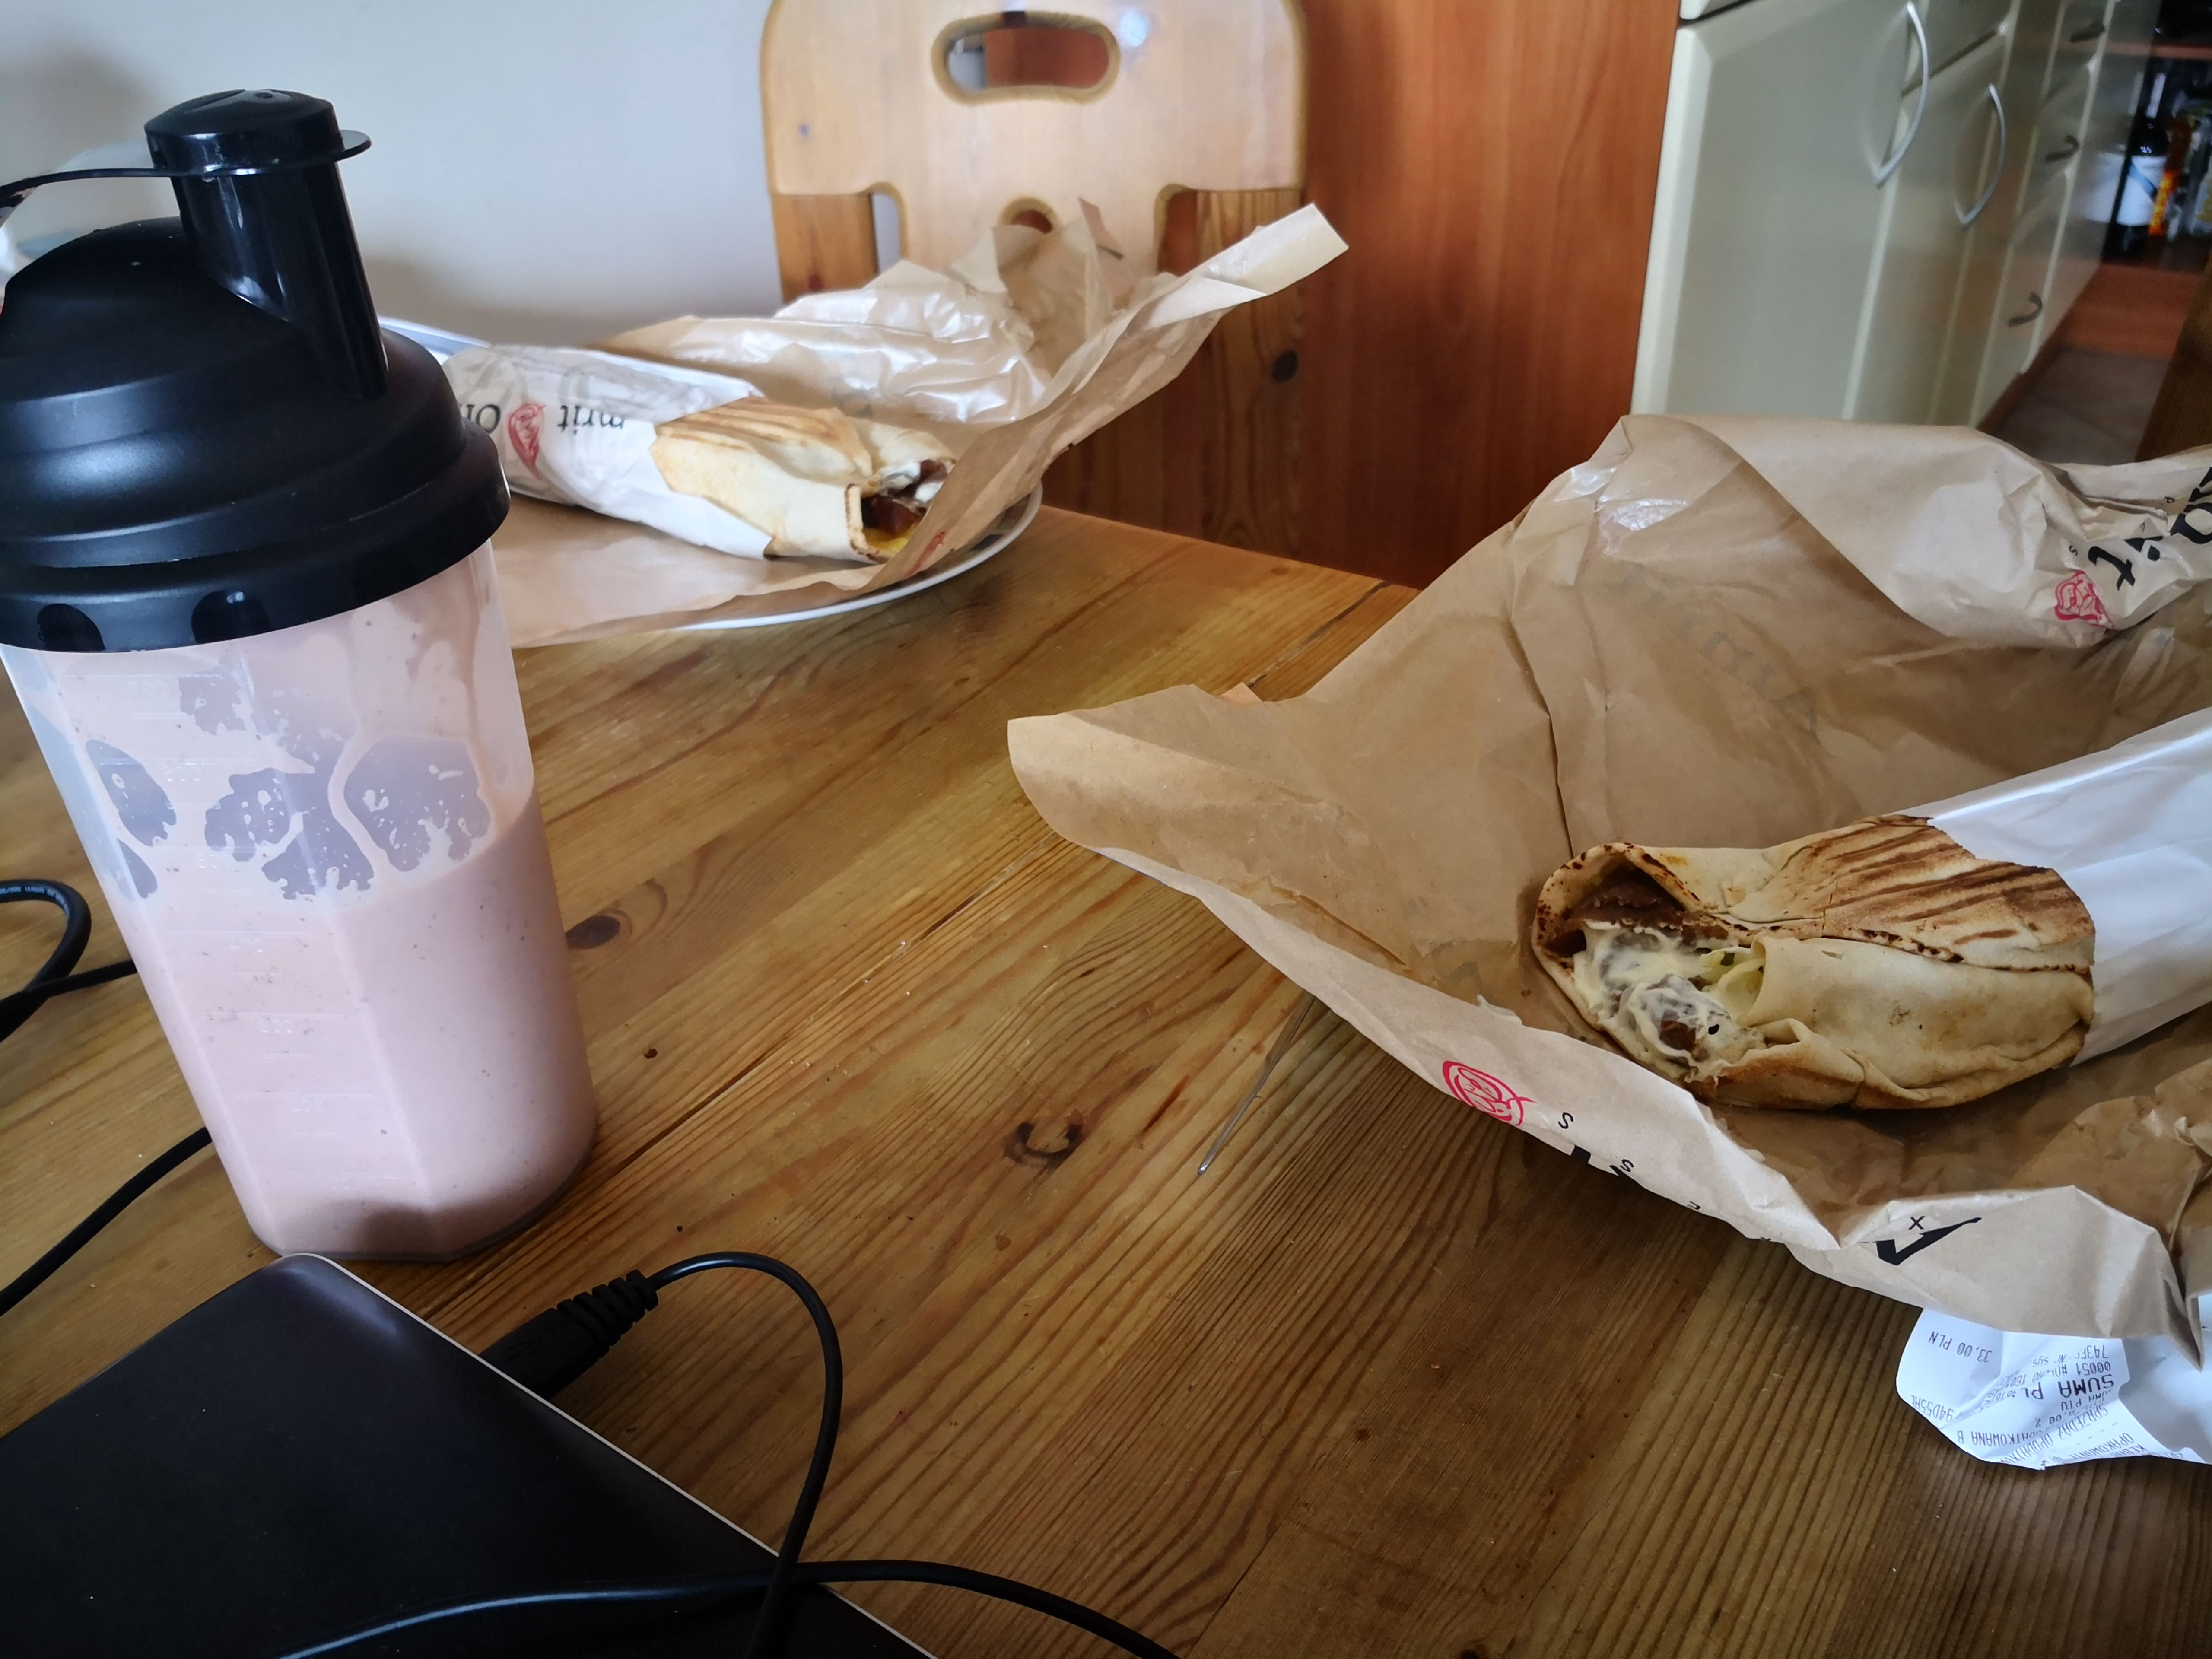 HUEL: Wizyta u kolegi. Wraz z dziewczyną jedzą obiad. Ja obiad piję.